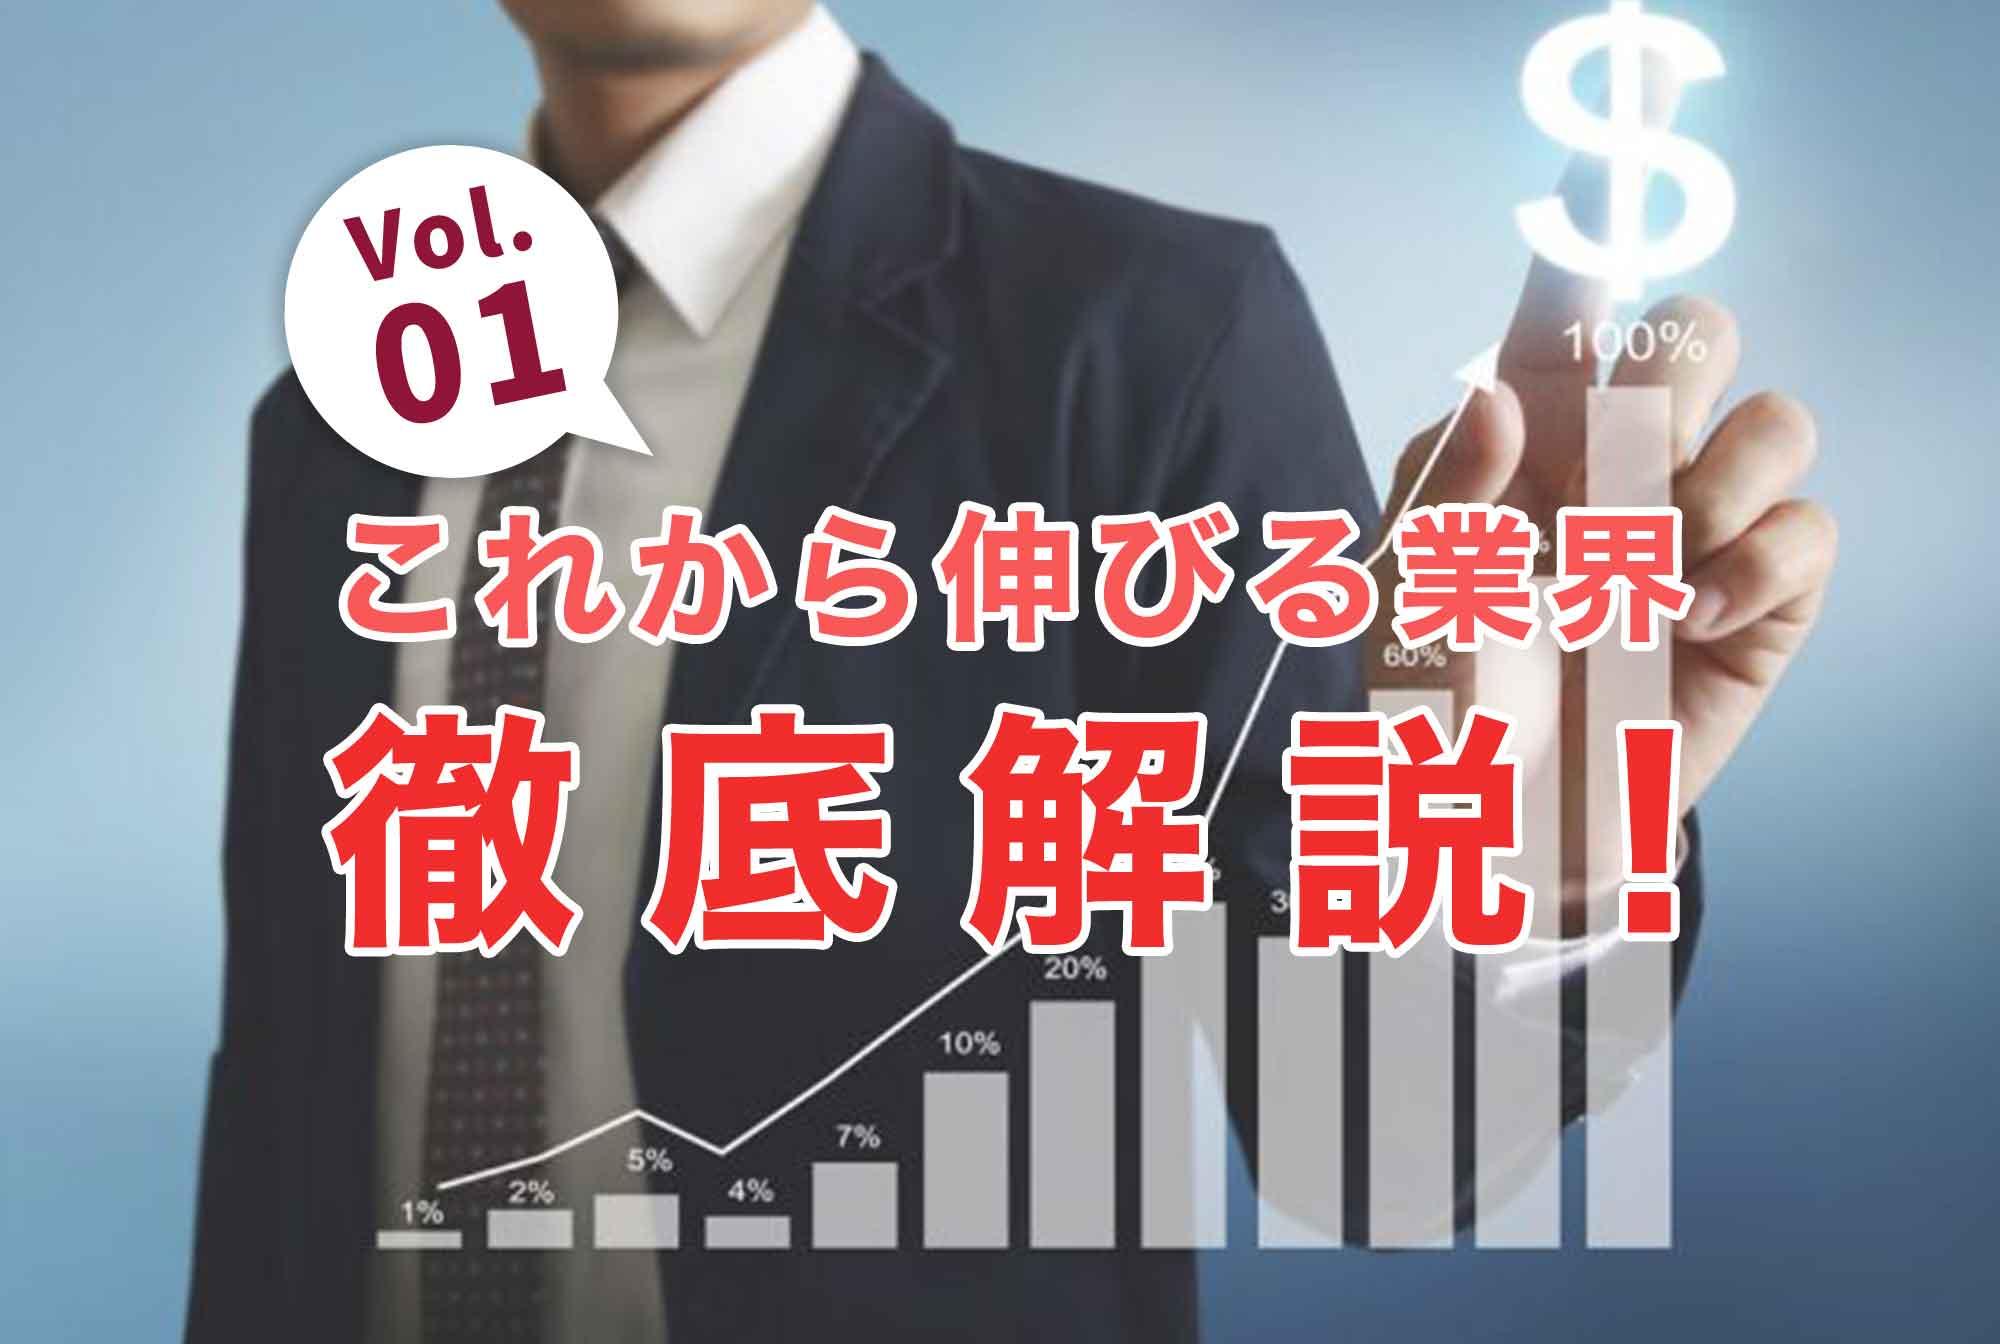 これから伸びる業界はどこ?vol.1